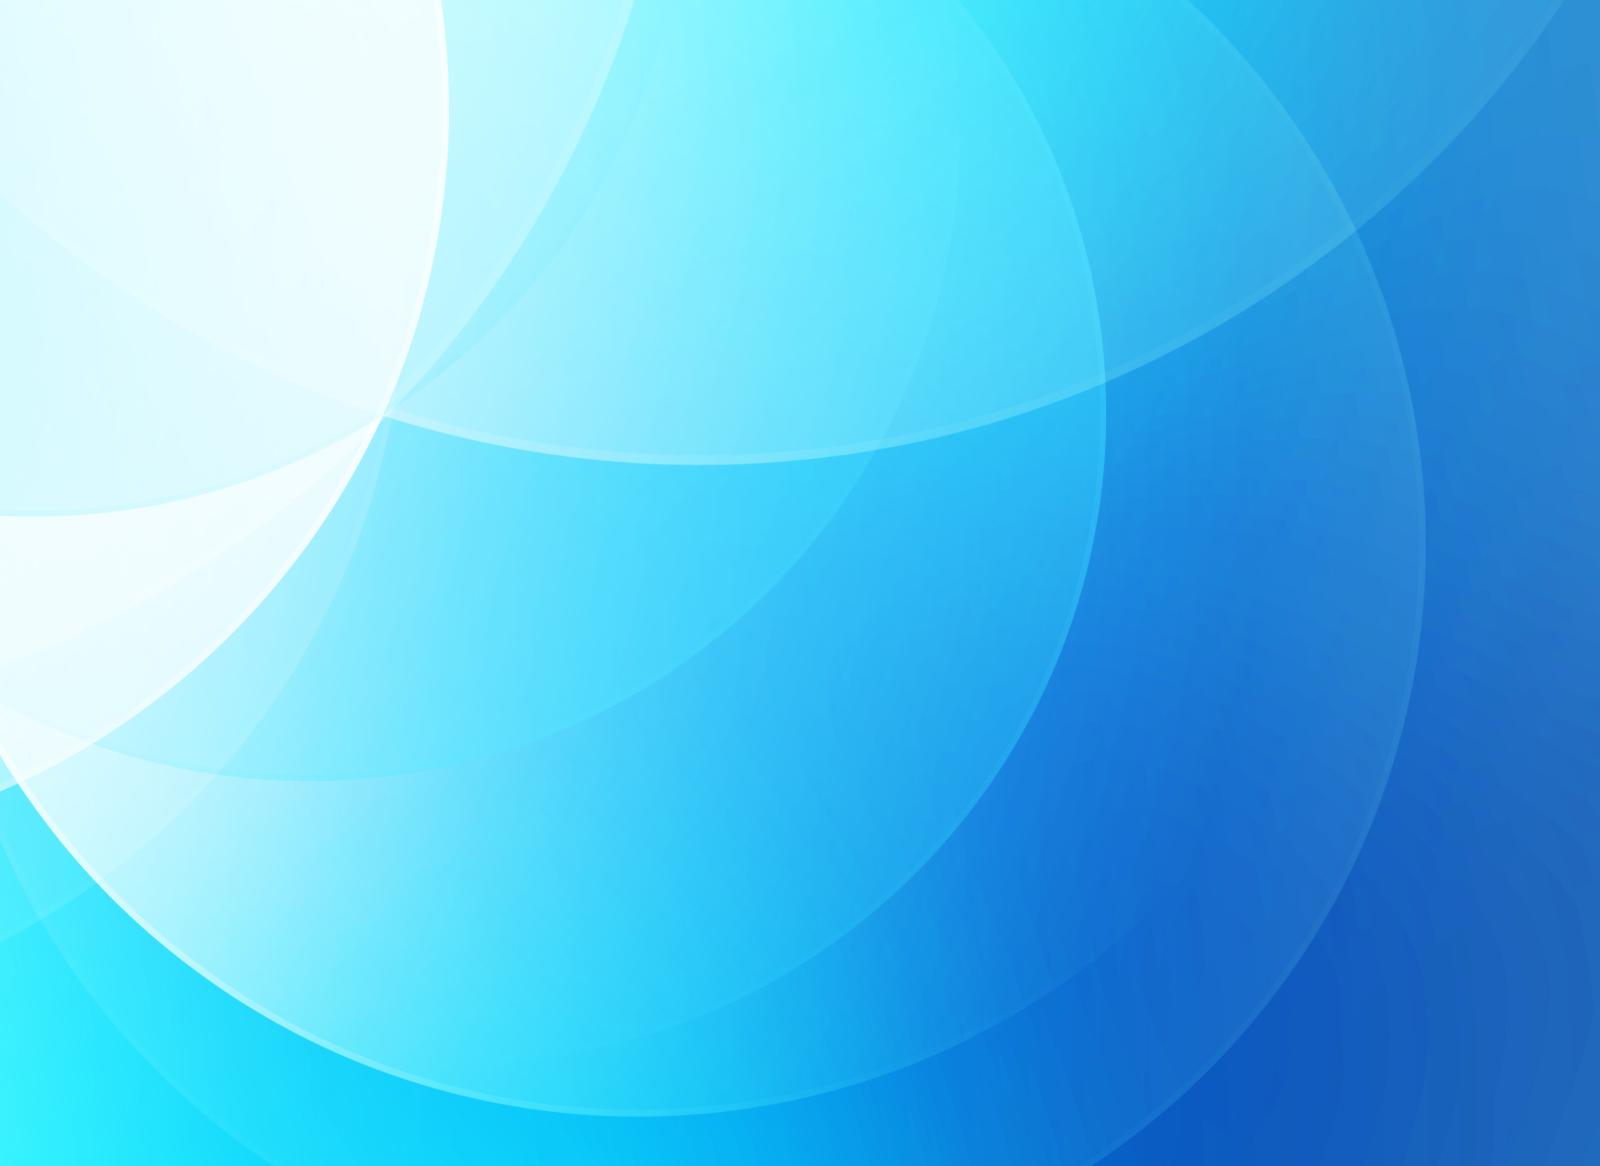 ¡TheTool participa en la primera edición del ASO Conference!